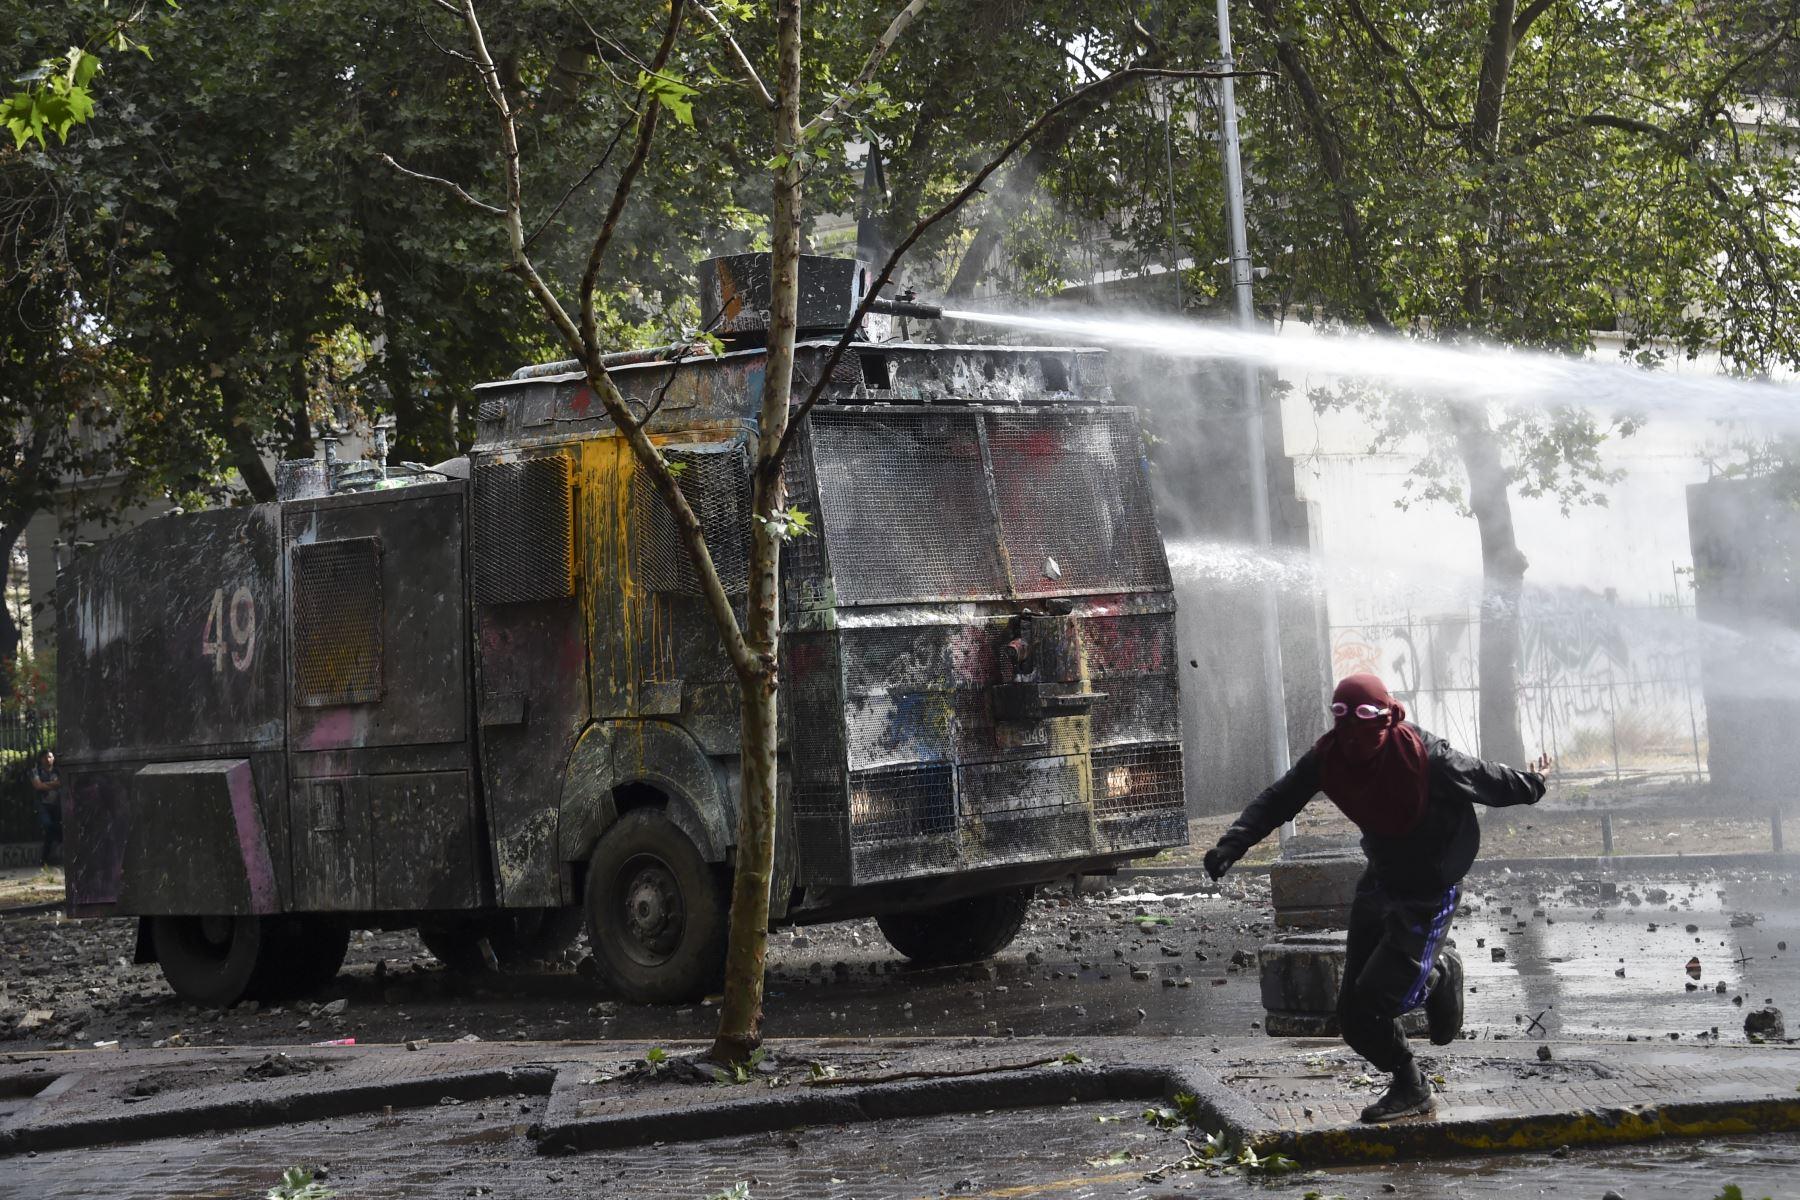 La policía antidisturbios rocía agua para dispersar a los manifestantes en Santiago en la cuarta semana de protestas contra el gobierno del presidente chileno Sebastián Piñera. Foto: AFP